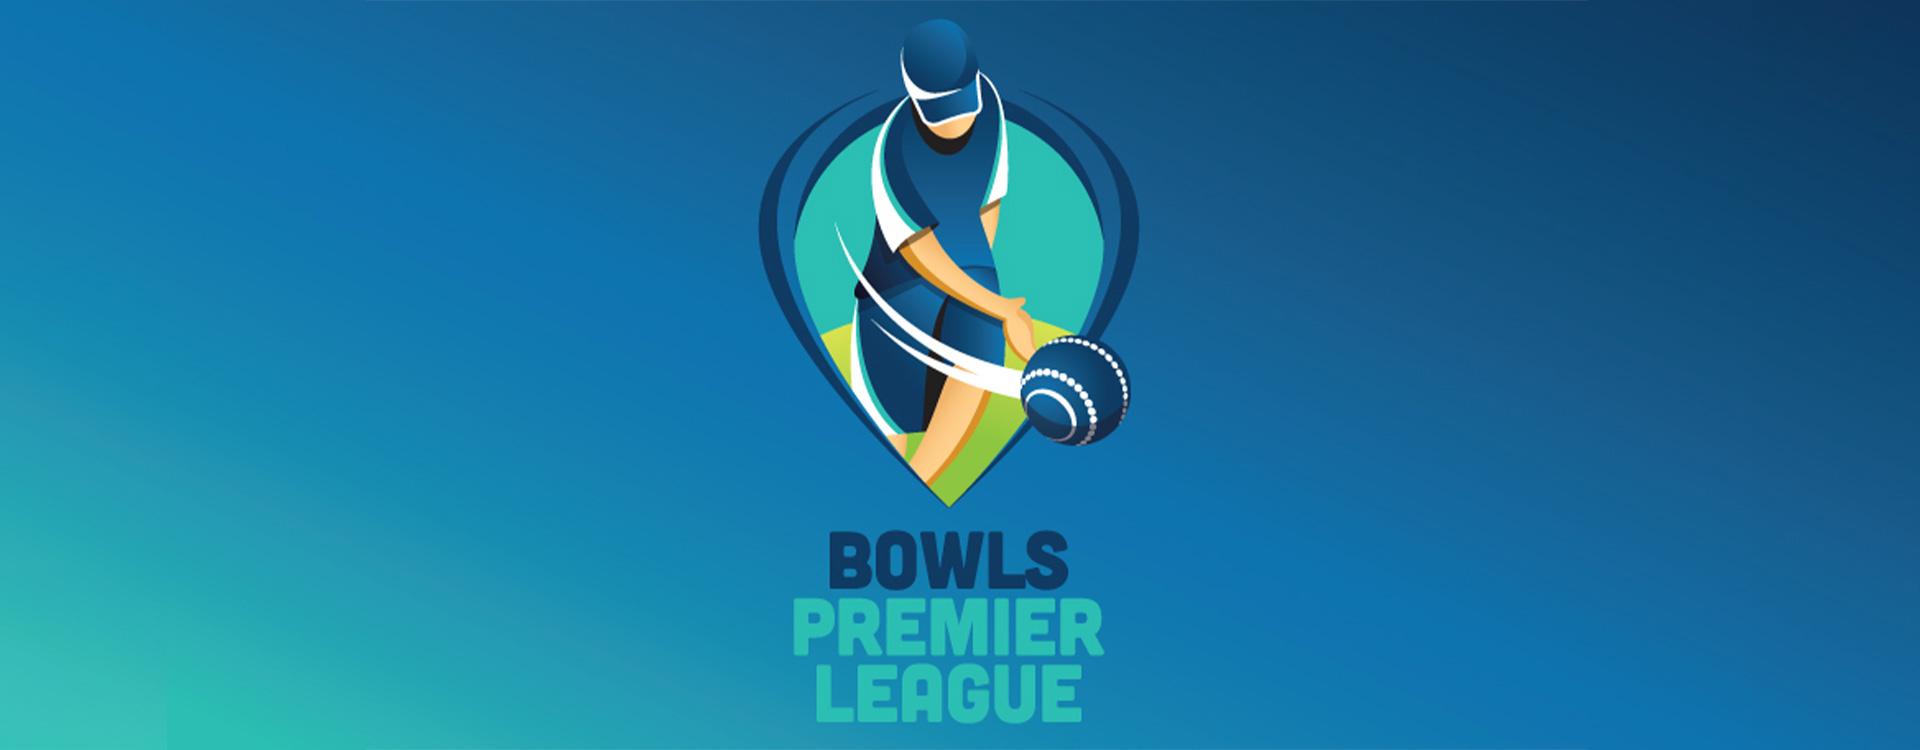 Bowls Premier League